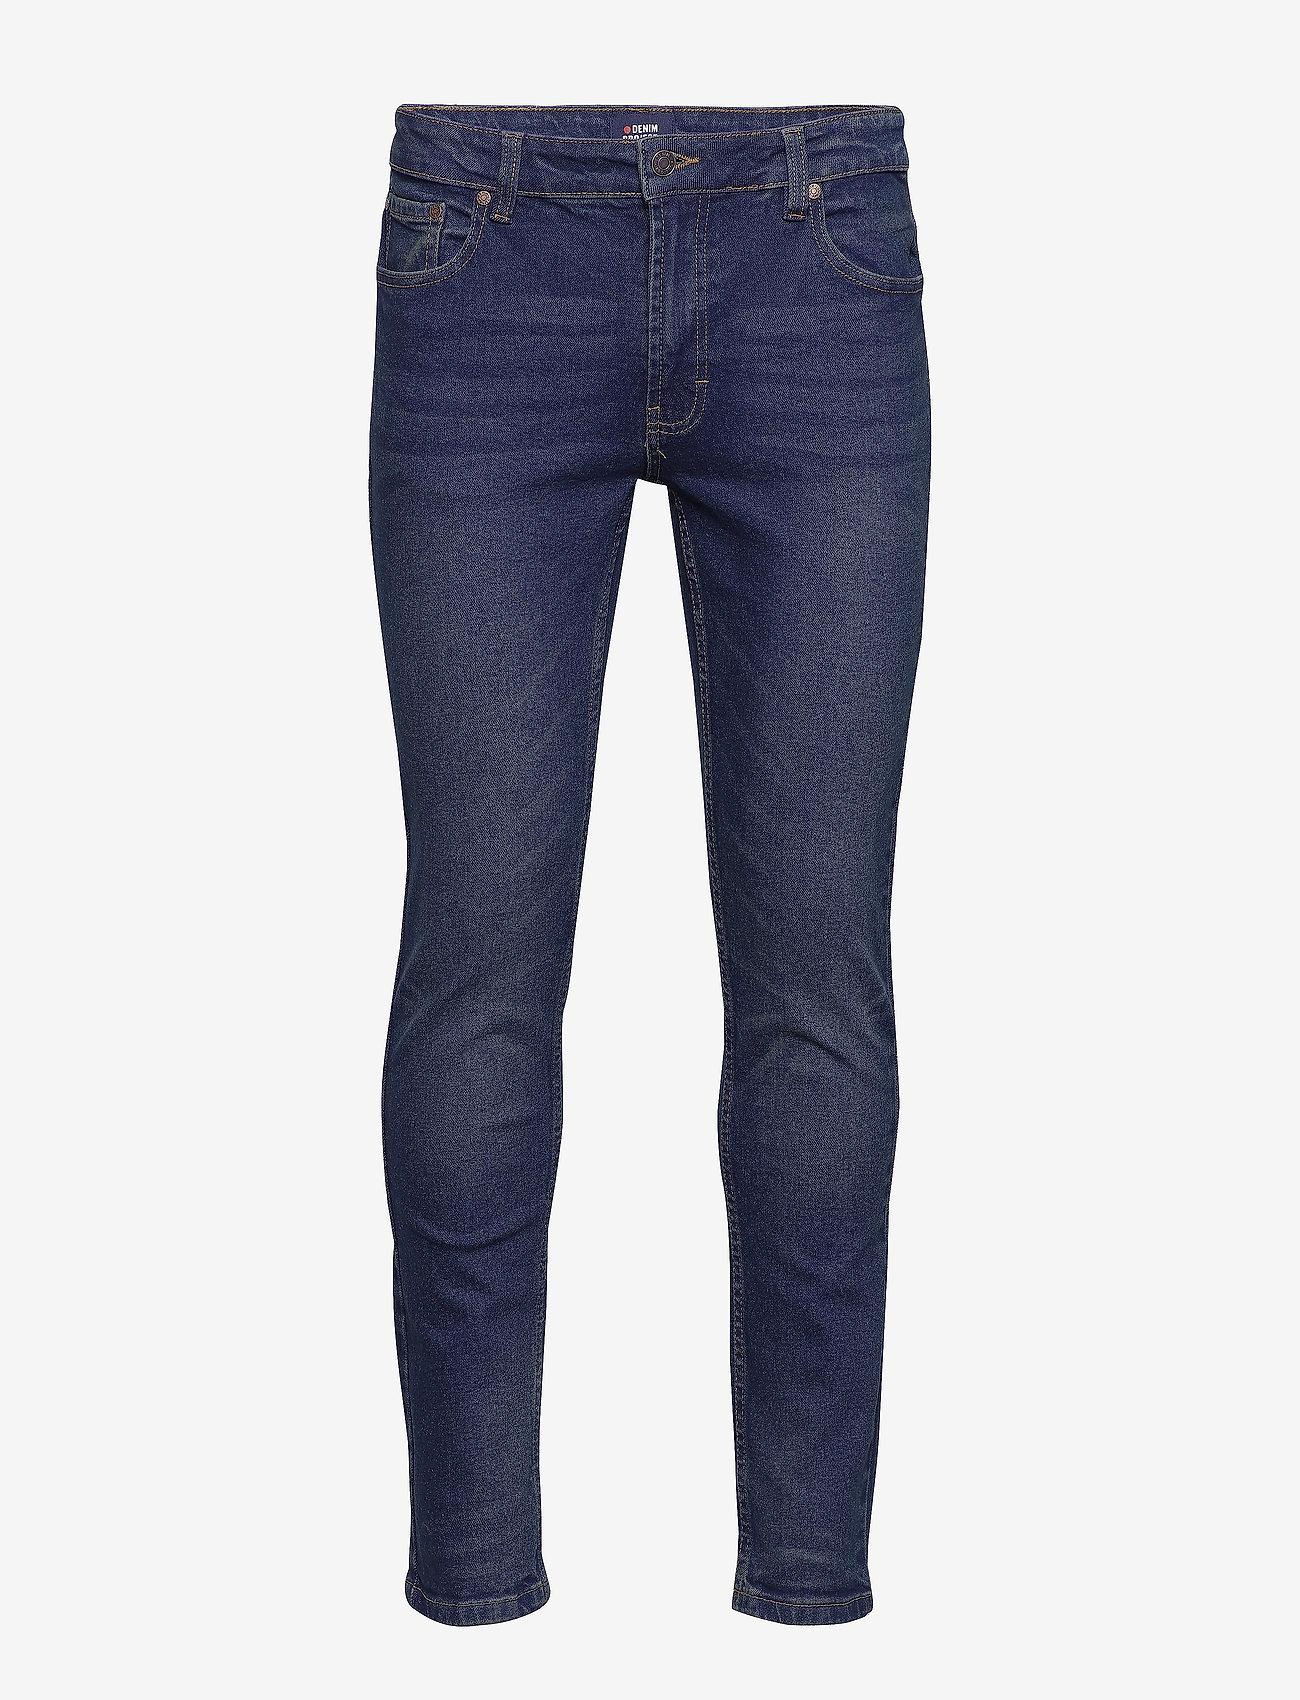 Denim project - Mr. Red - slim jeans - vintage blue - 0